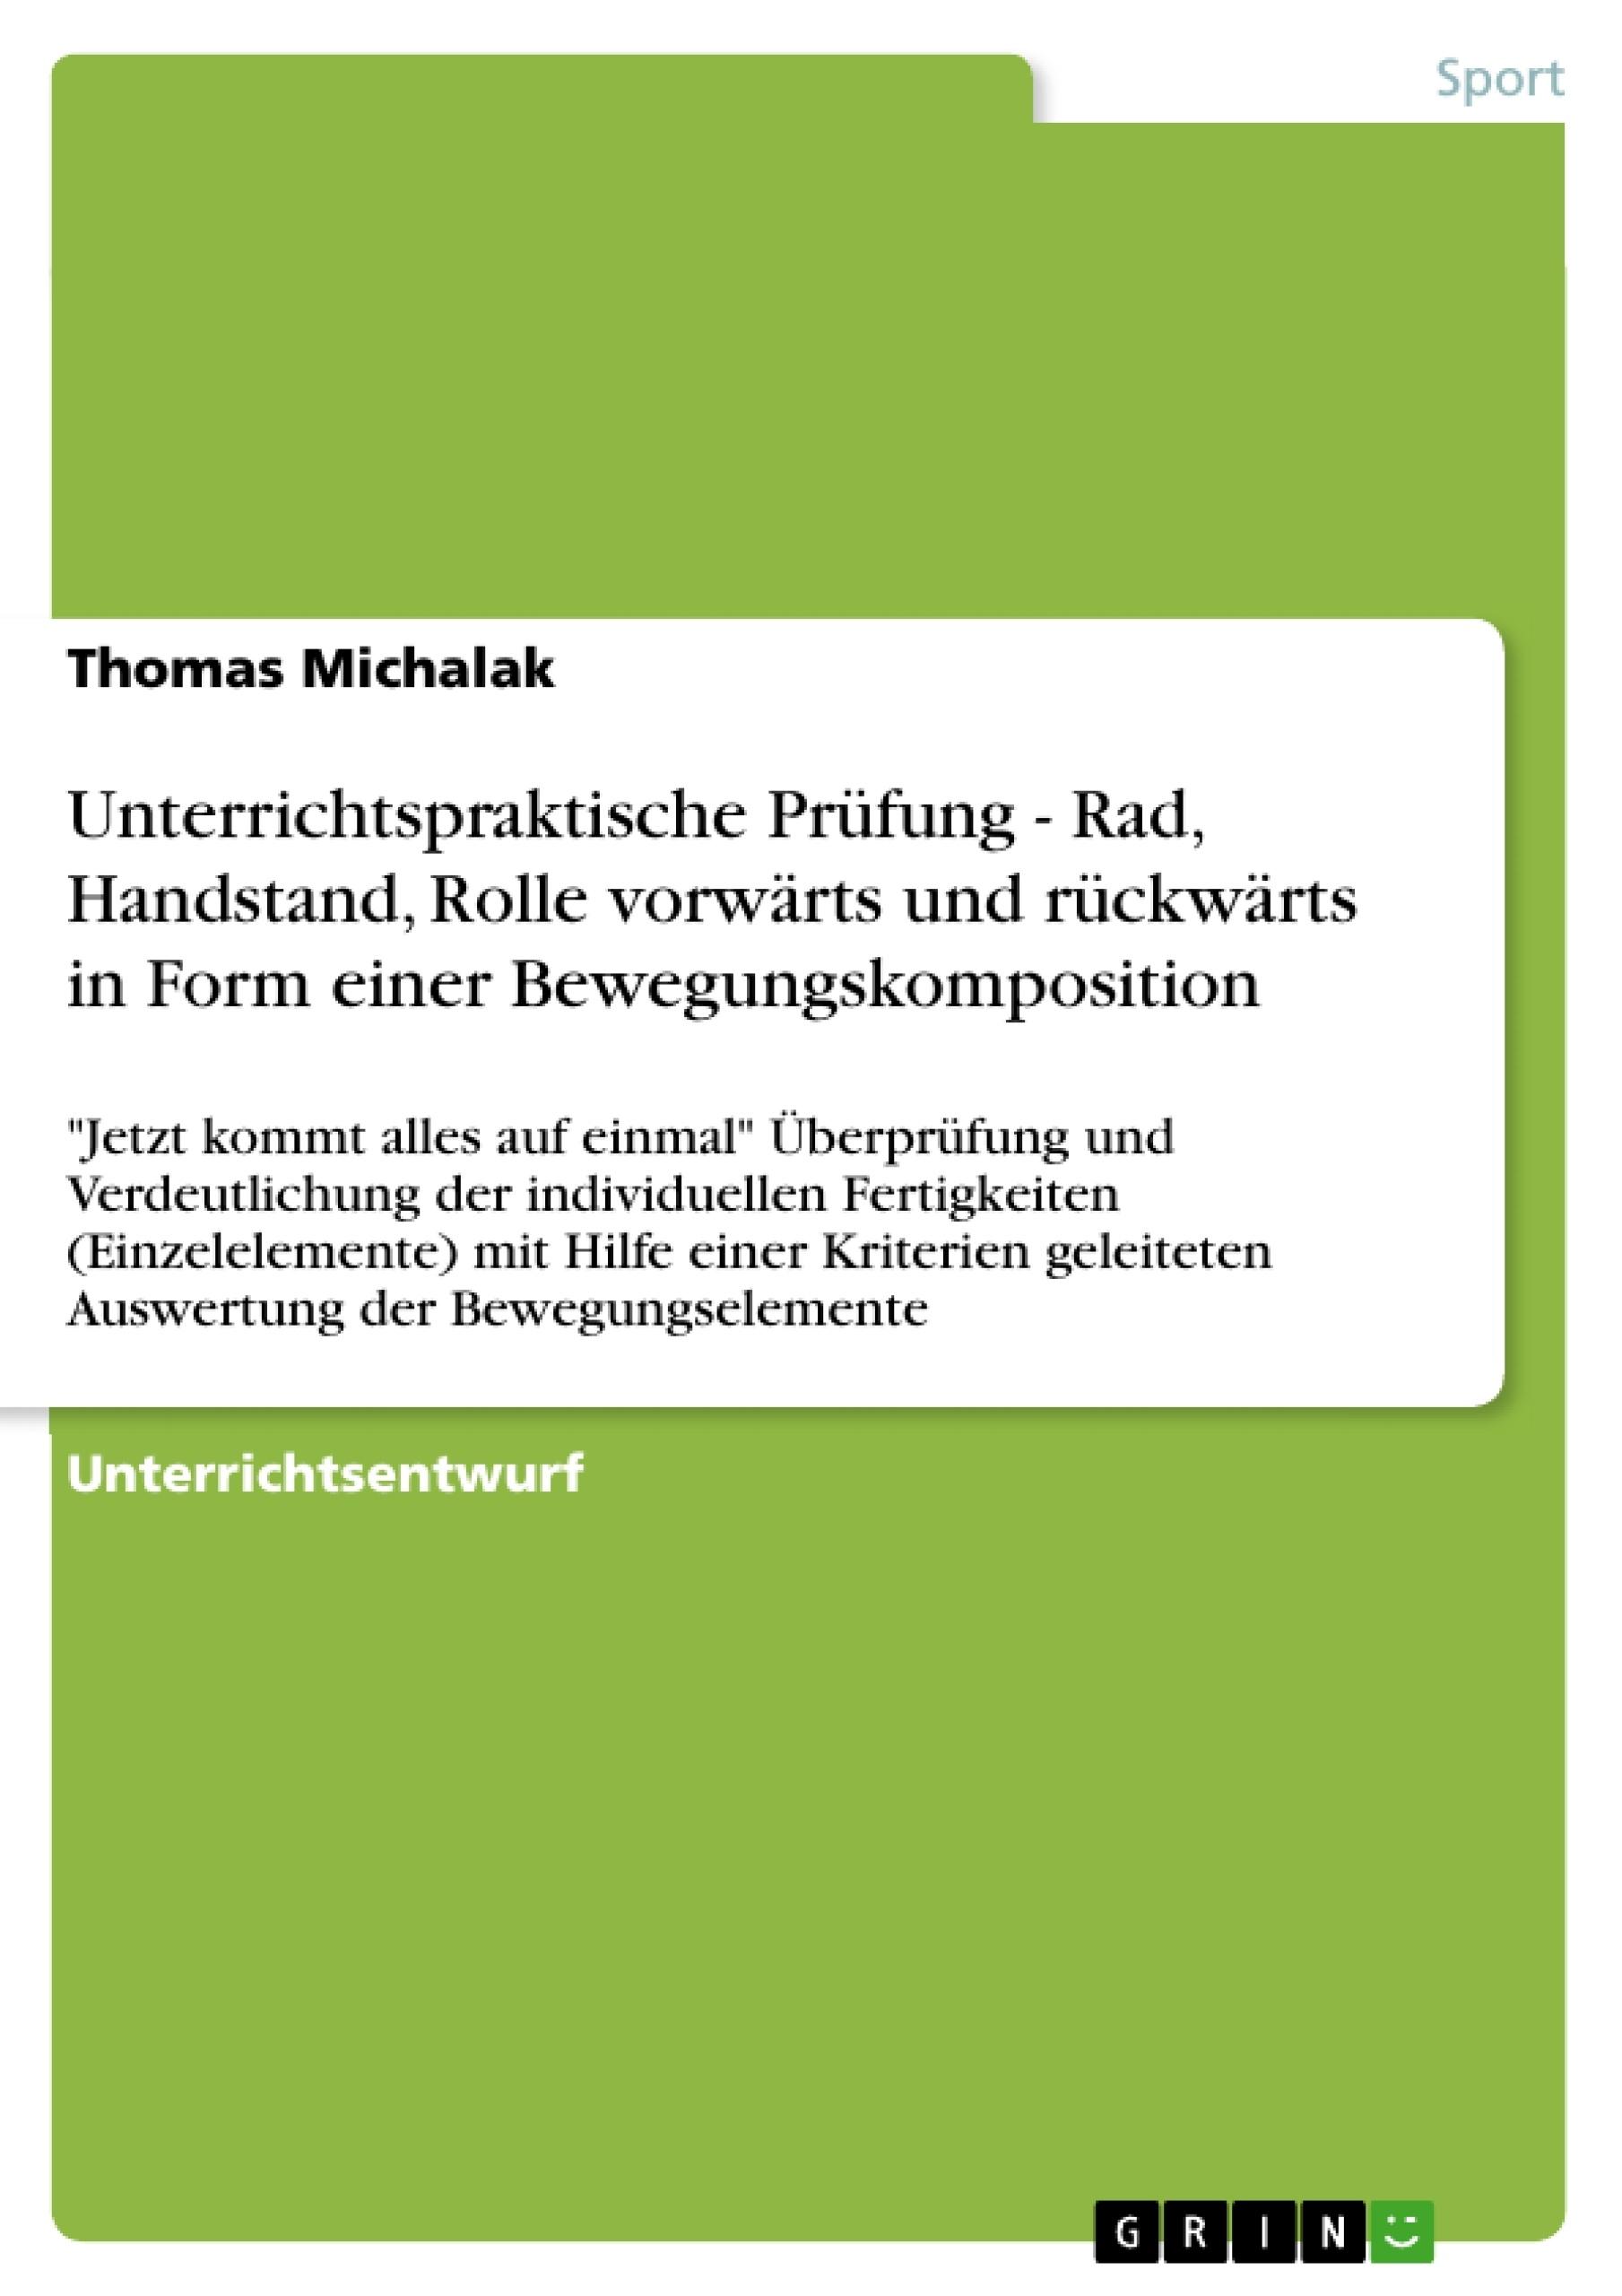 Titel: Unterrichtspraktische Prüfung - Rad, Handstand, Rolle vorwärts und rückwärts in Form einer Bewegungskomposition